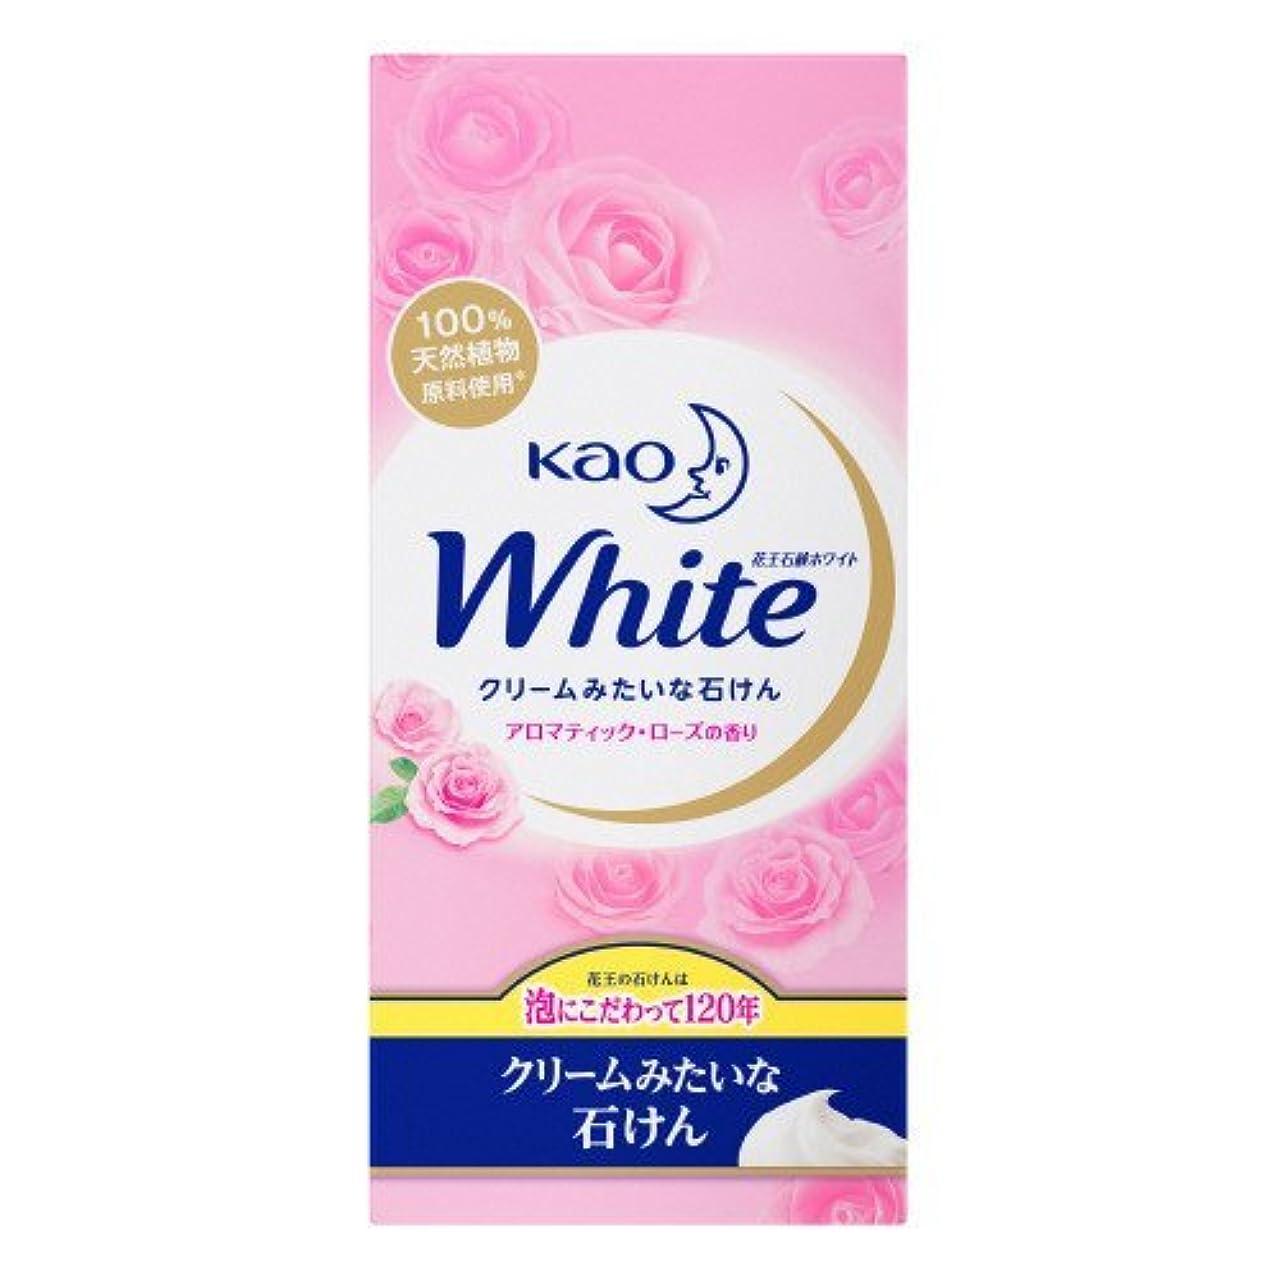 長方形するだろう波【花王】花王ホワイト アロマティックローズの香りレギュラーサイズ (85g×6個) ×20個セット